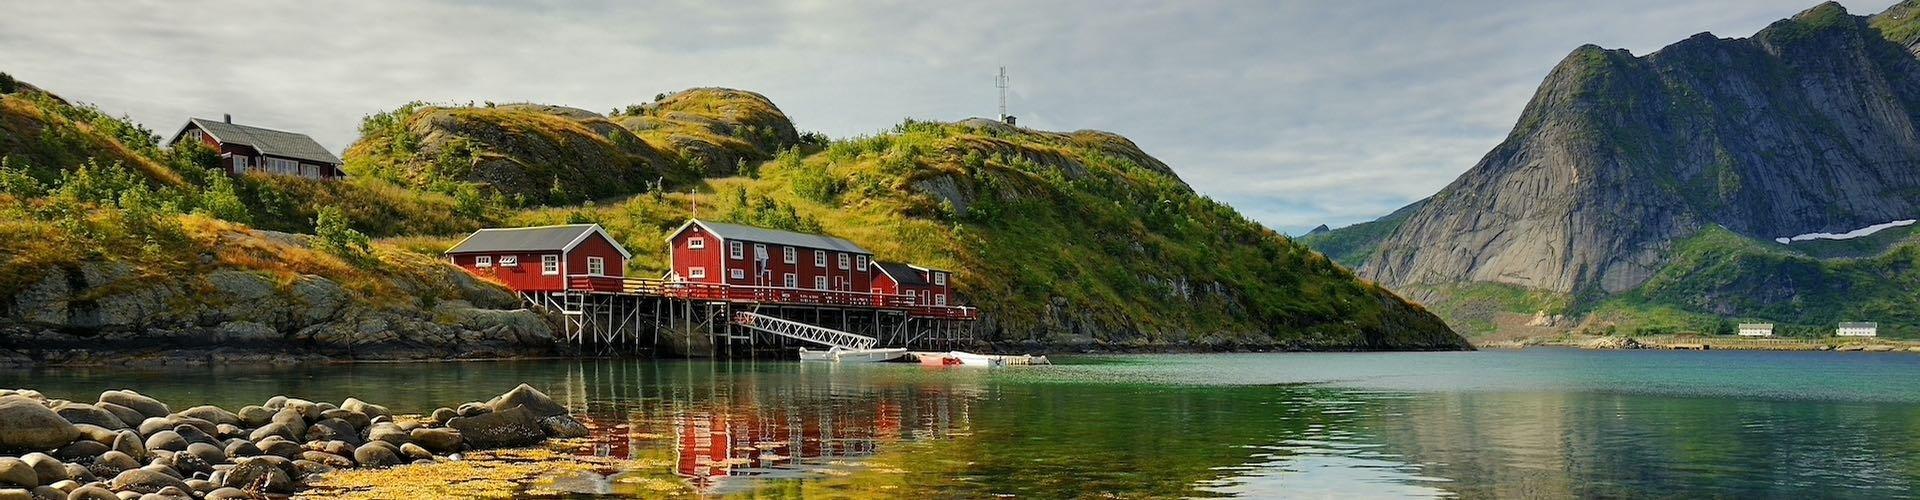 Familienurlaub in Norwegen